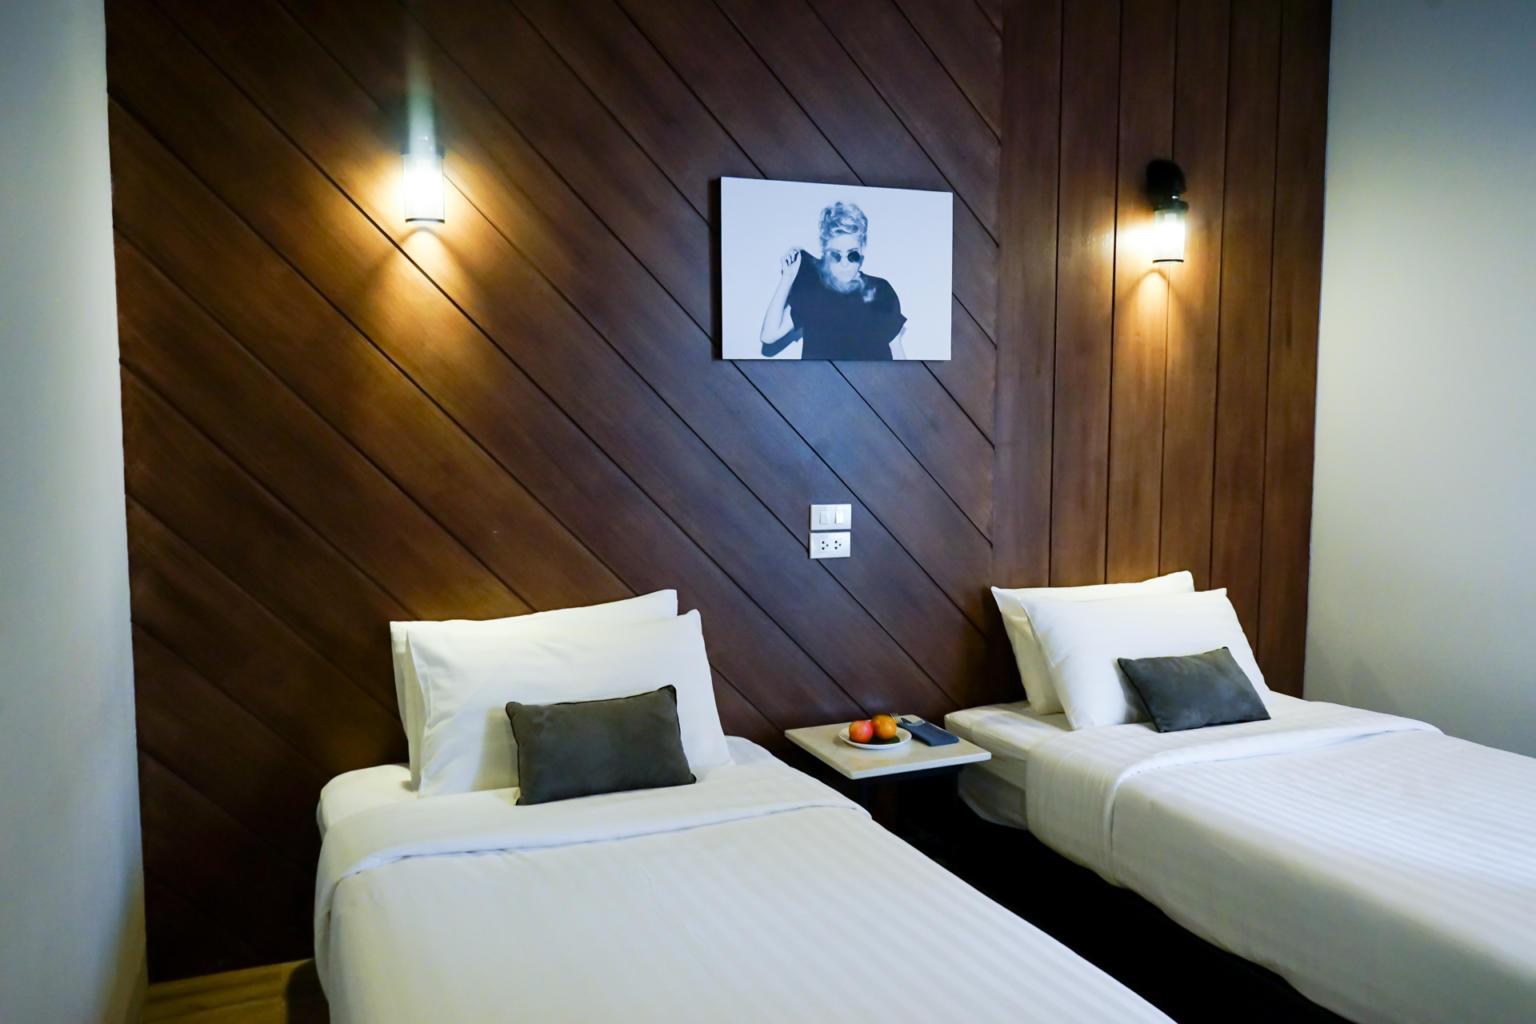 我們這次入住的是羅德曼飯店標準雙床房型,一個晚上價位大約在$1800左右,房間不是很大,但是房間整齊乾淨,採光不錯。